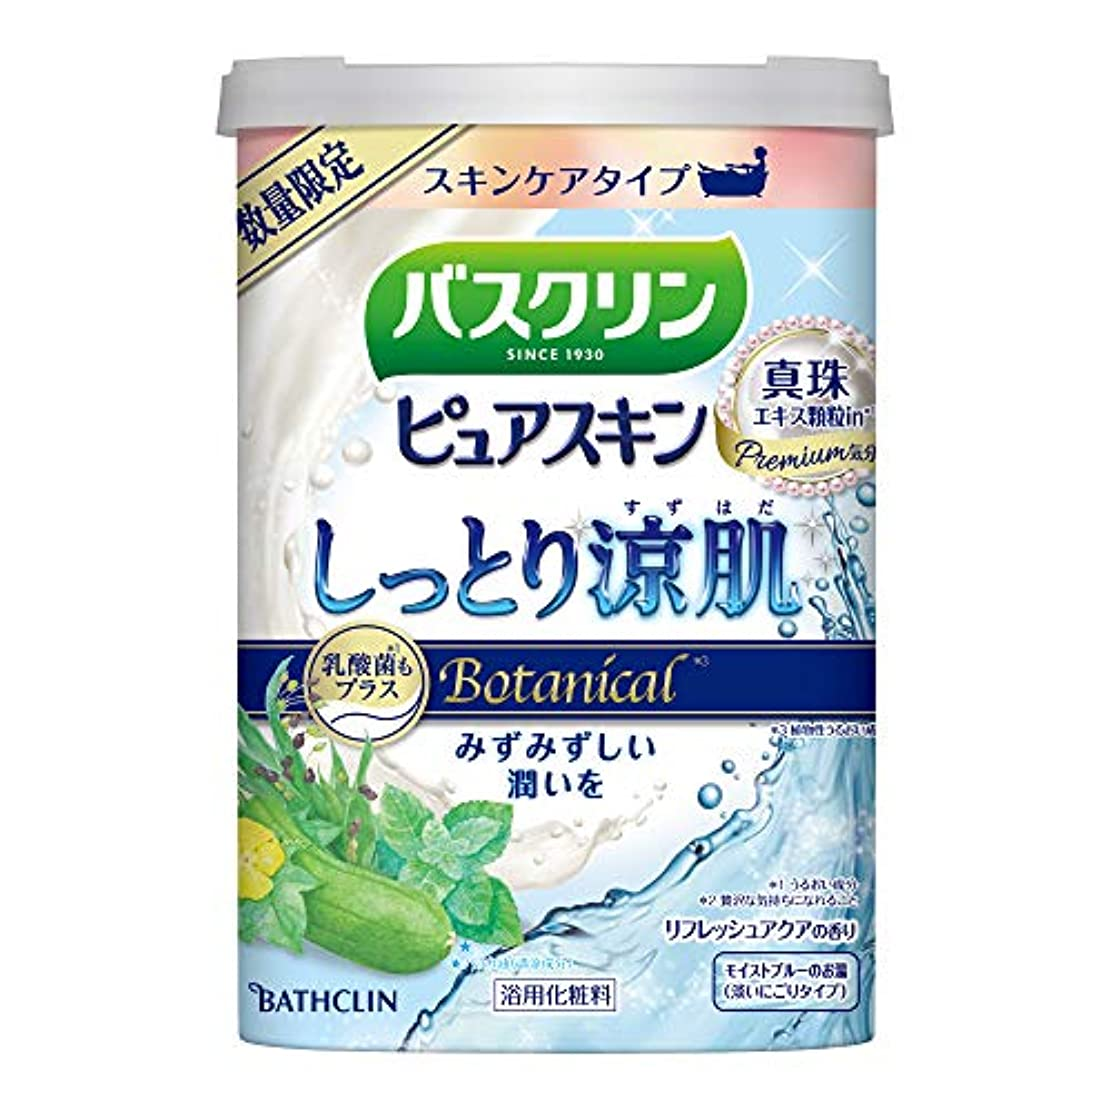 わずかな降雨穀物【数量限定品】バスクリンピュアスキン入浴剤 しっとり涼肌600g(約30回分) スキンケアにごりタイプ 保湿